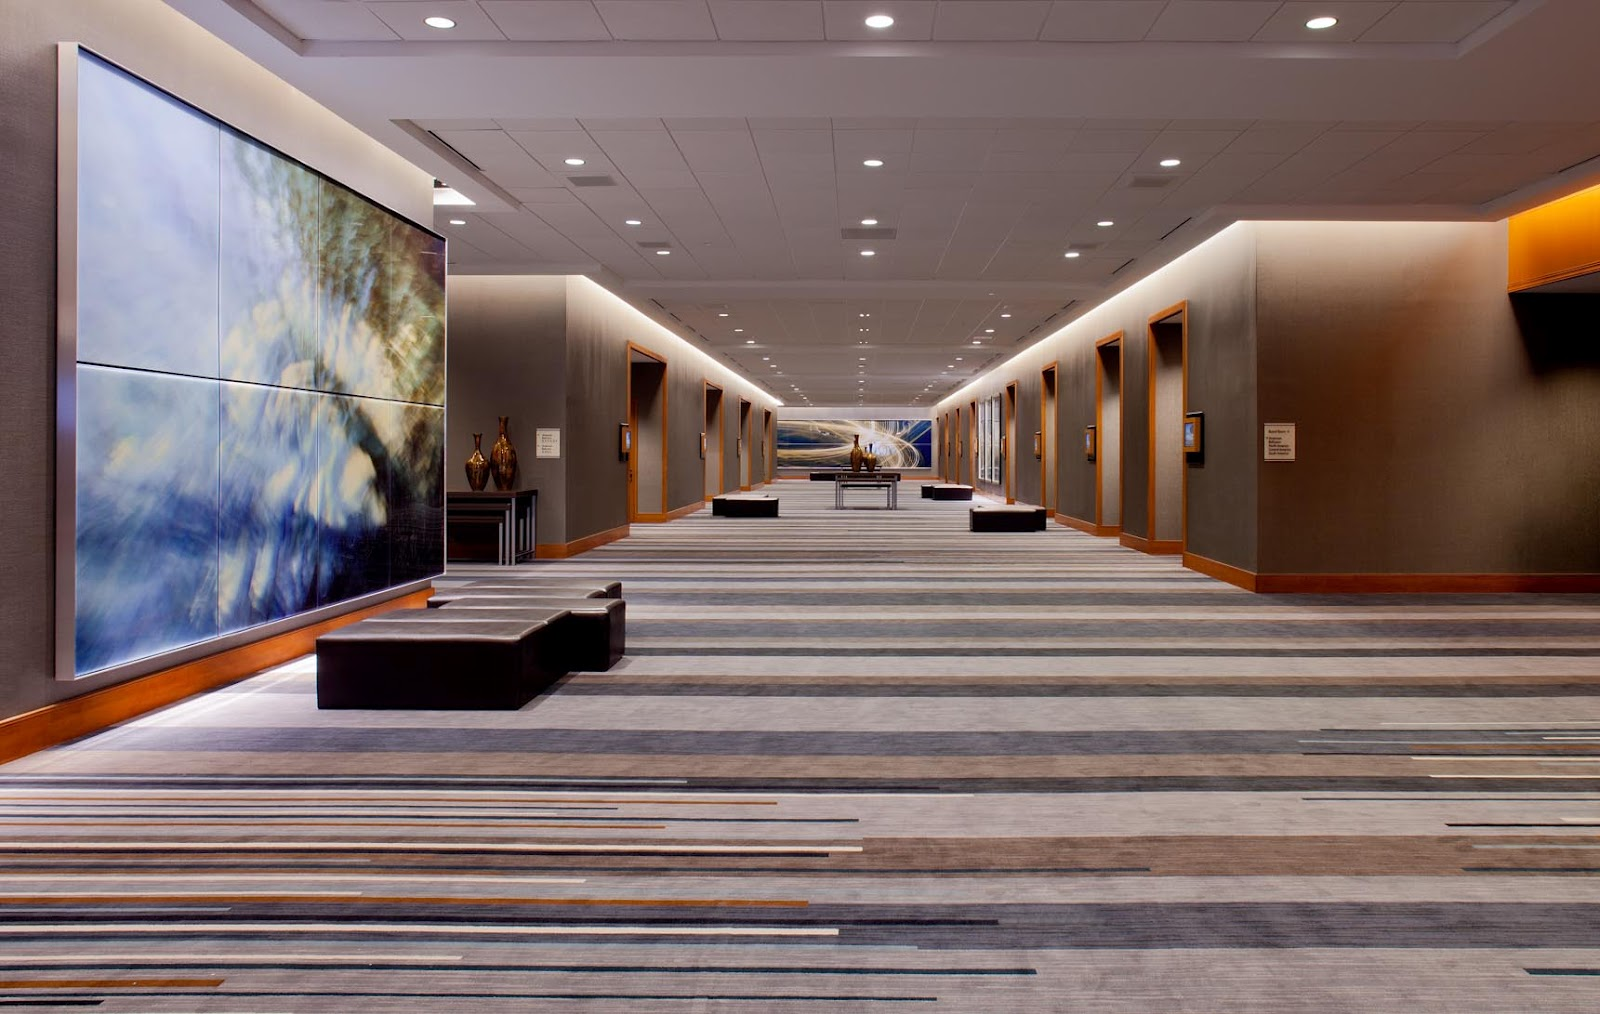 Grand Hyatt Foyer : It s always grand at the hyatt dfw voted